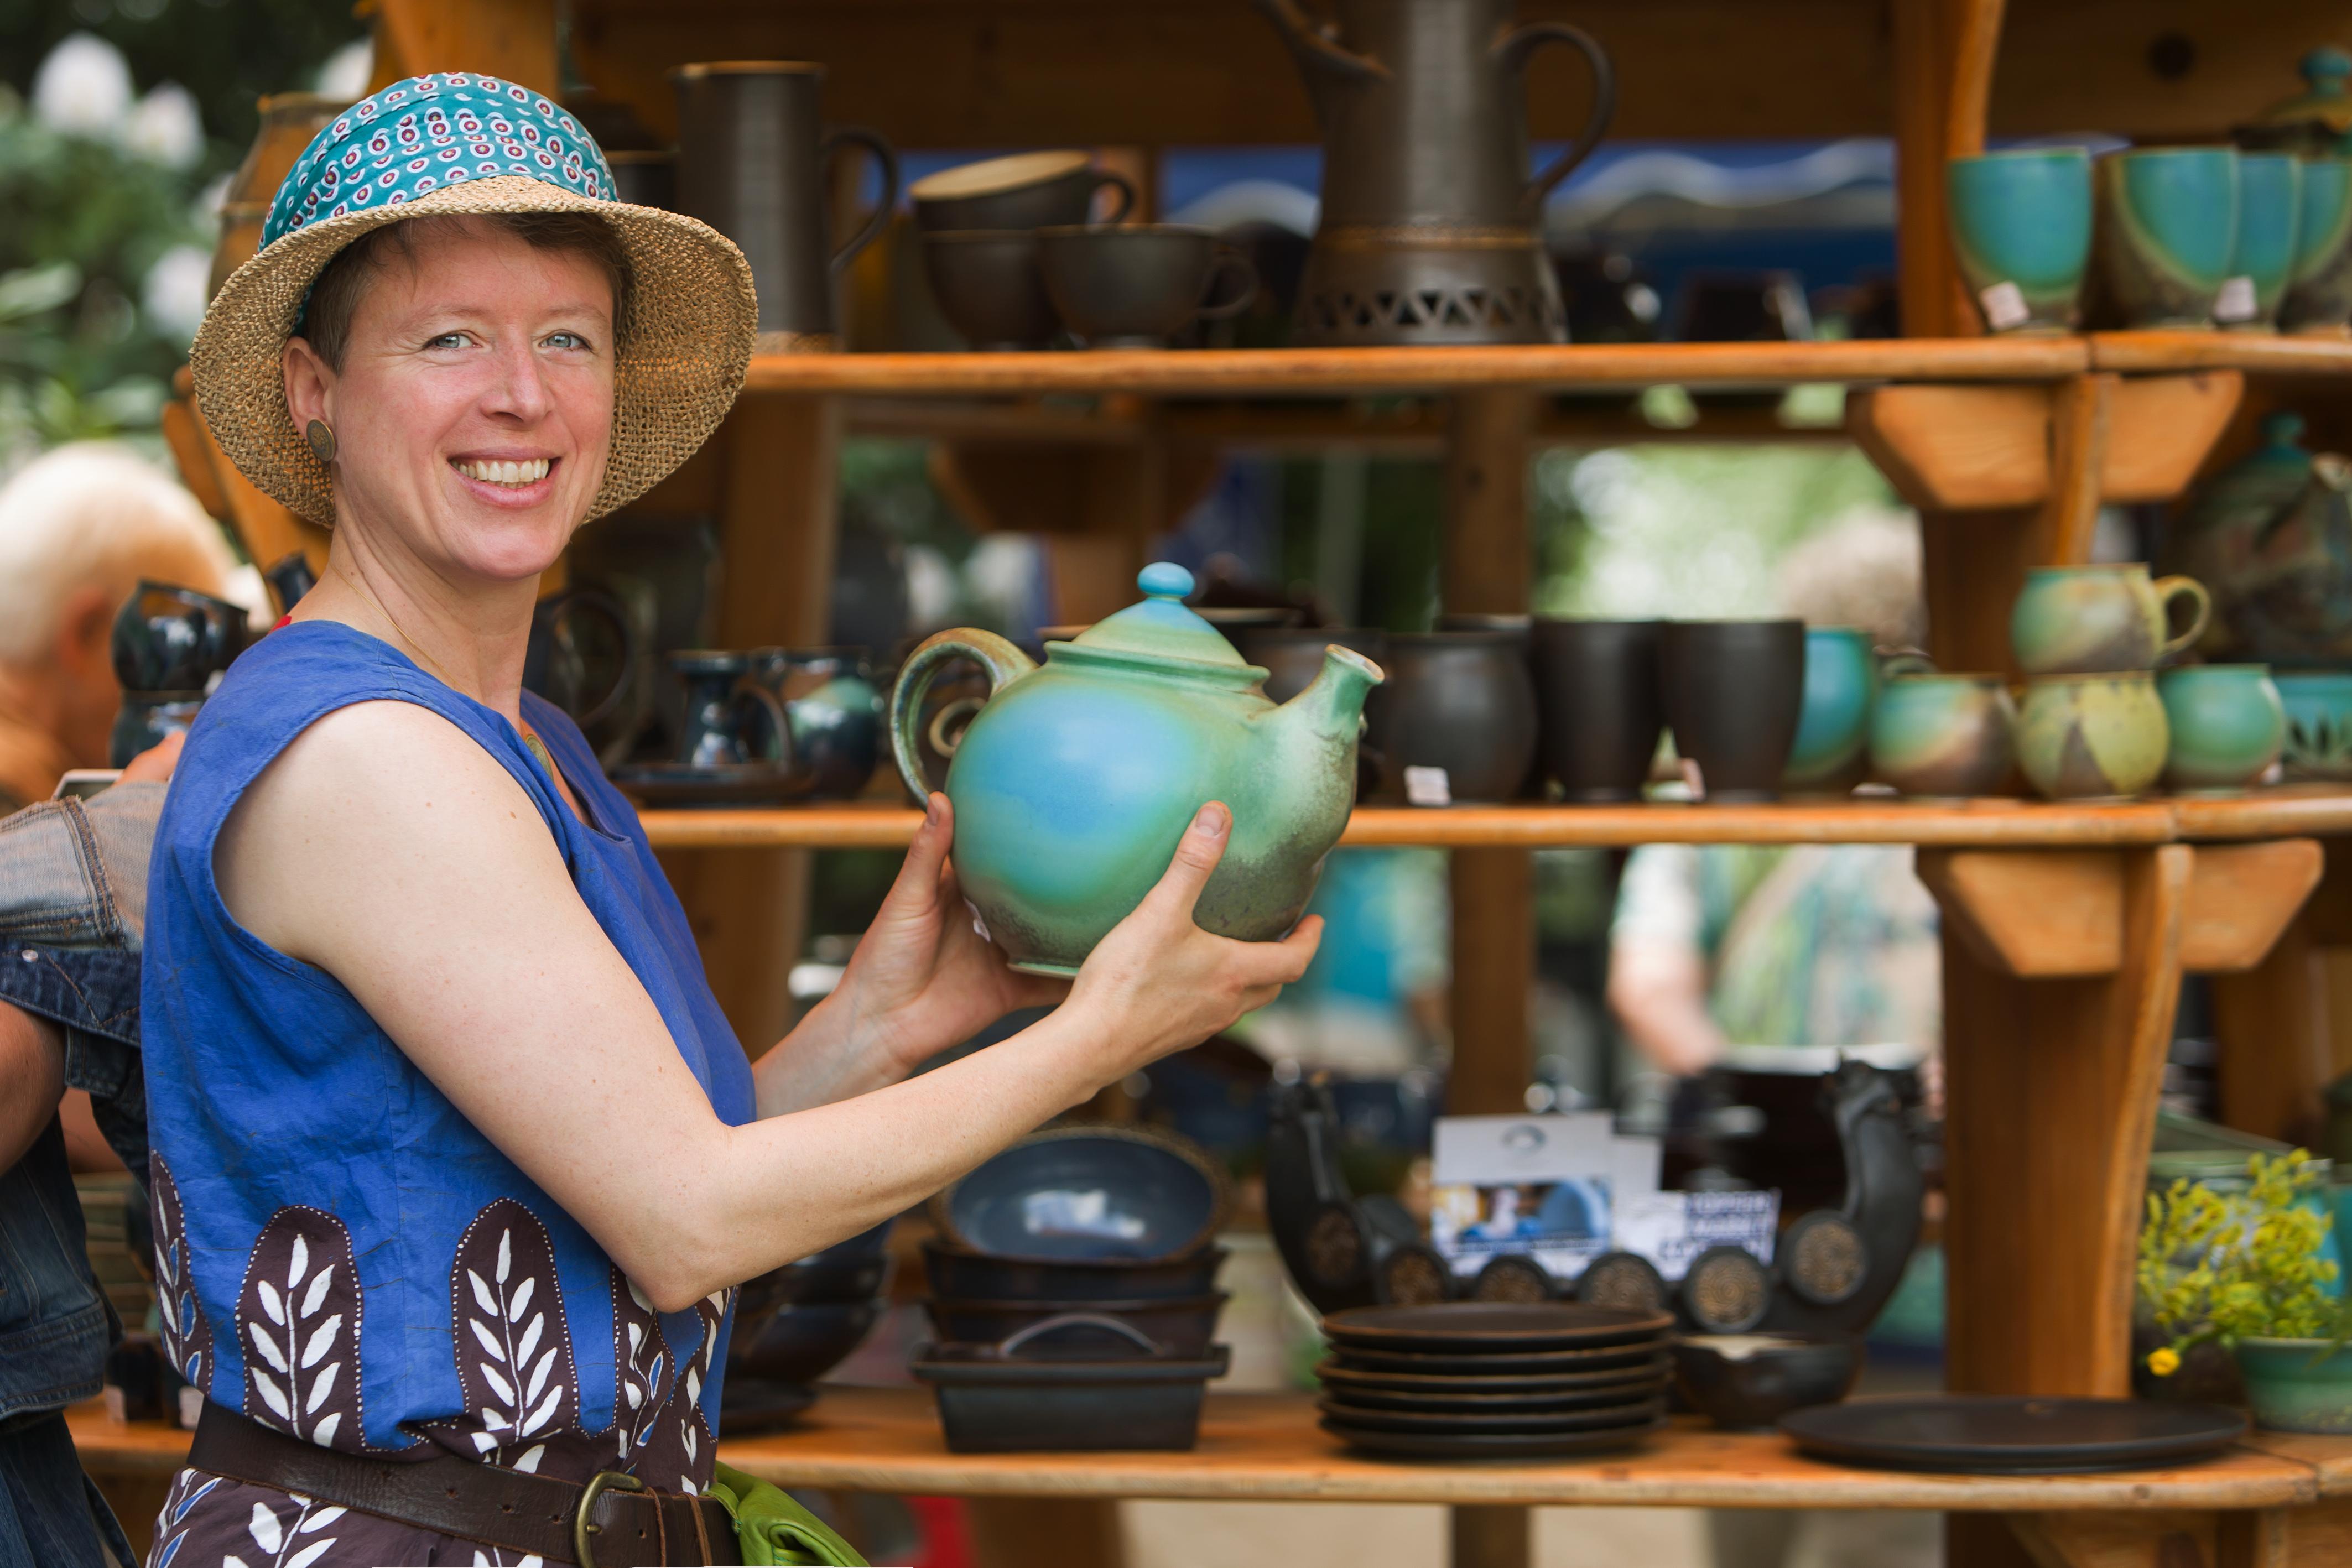 Keramik beim Töpferkunstmarkt der Späth'schen Baumschulen in Berlin - Pressefoto, 6,14 MB